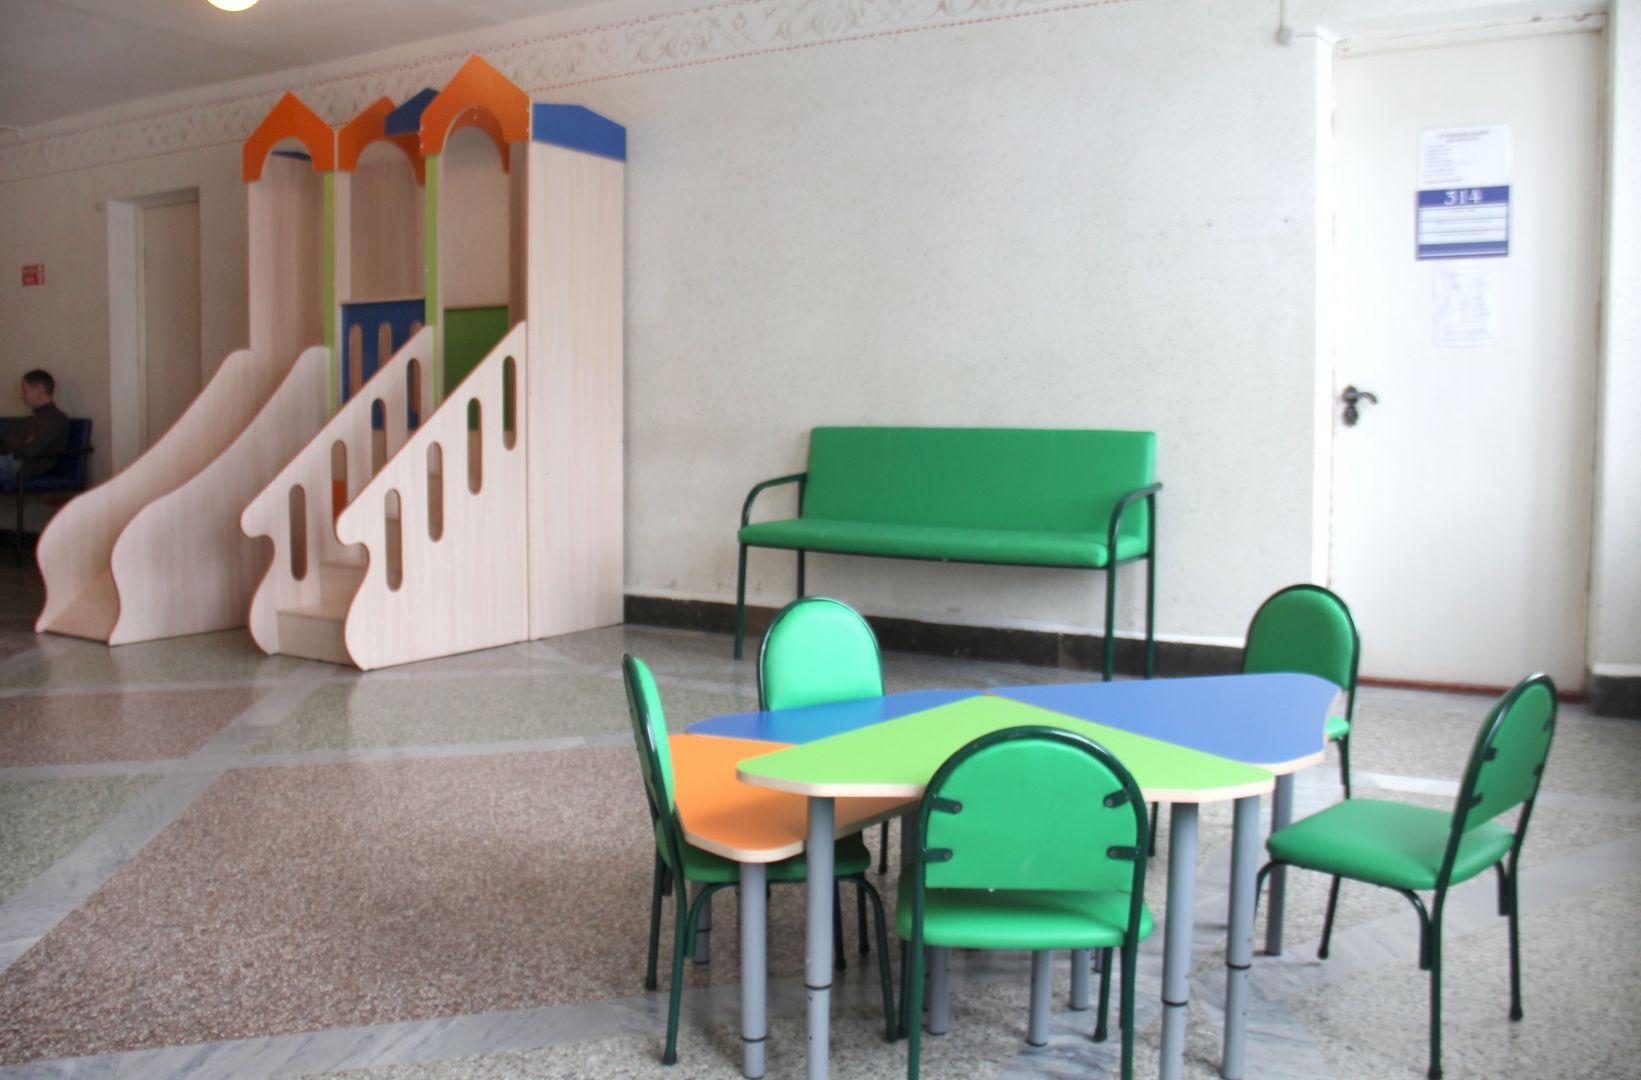 Новый УЗИ-аппарат появился в детской поликлинике Невинномысска